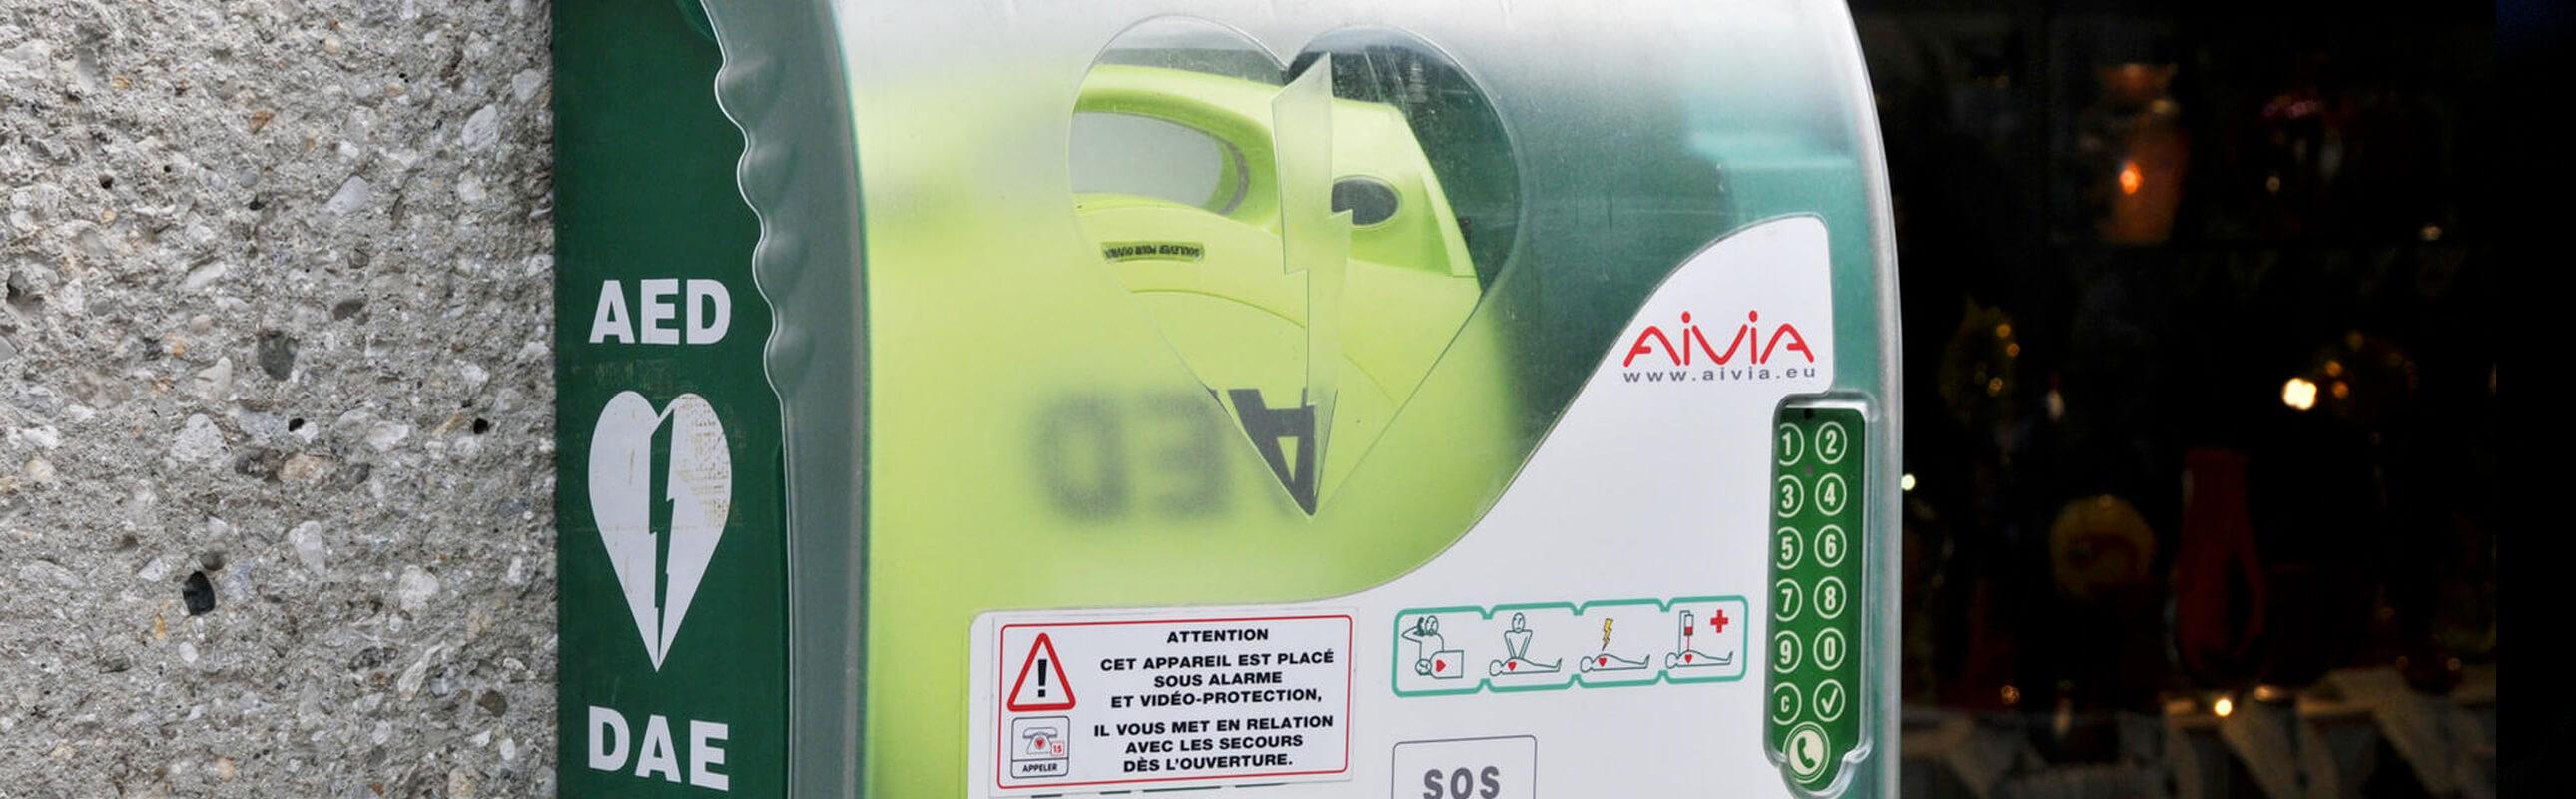 Recommandation CIRCODEF sur la maintenance des défibrillateurs